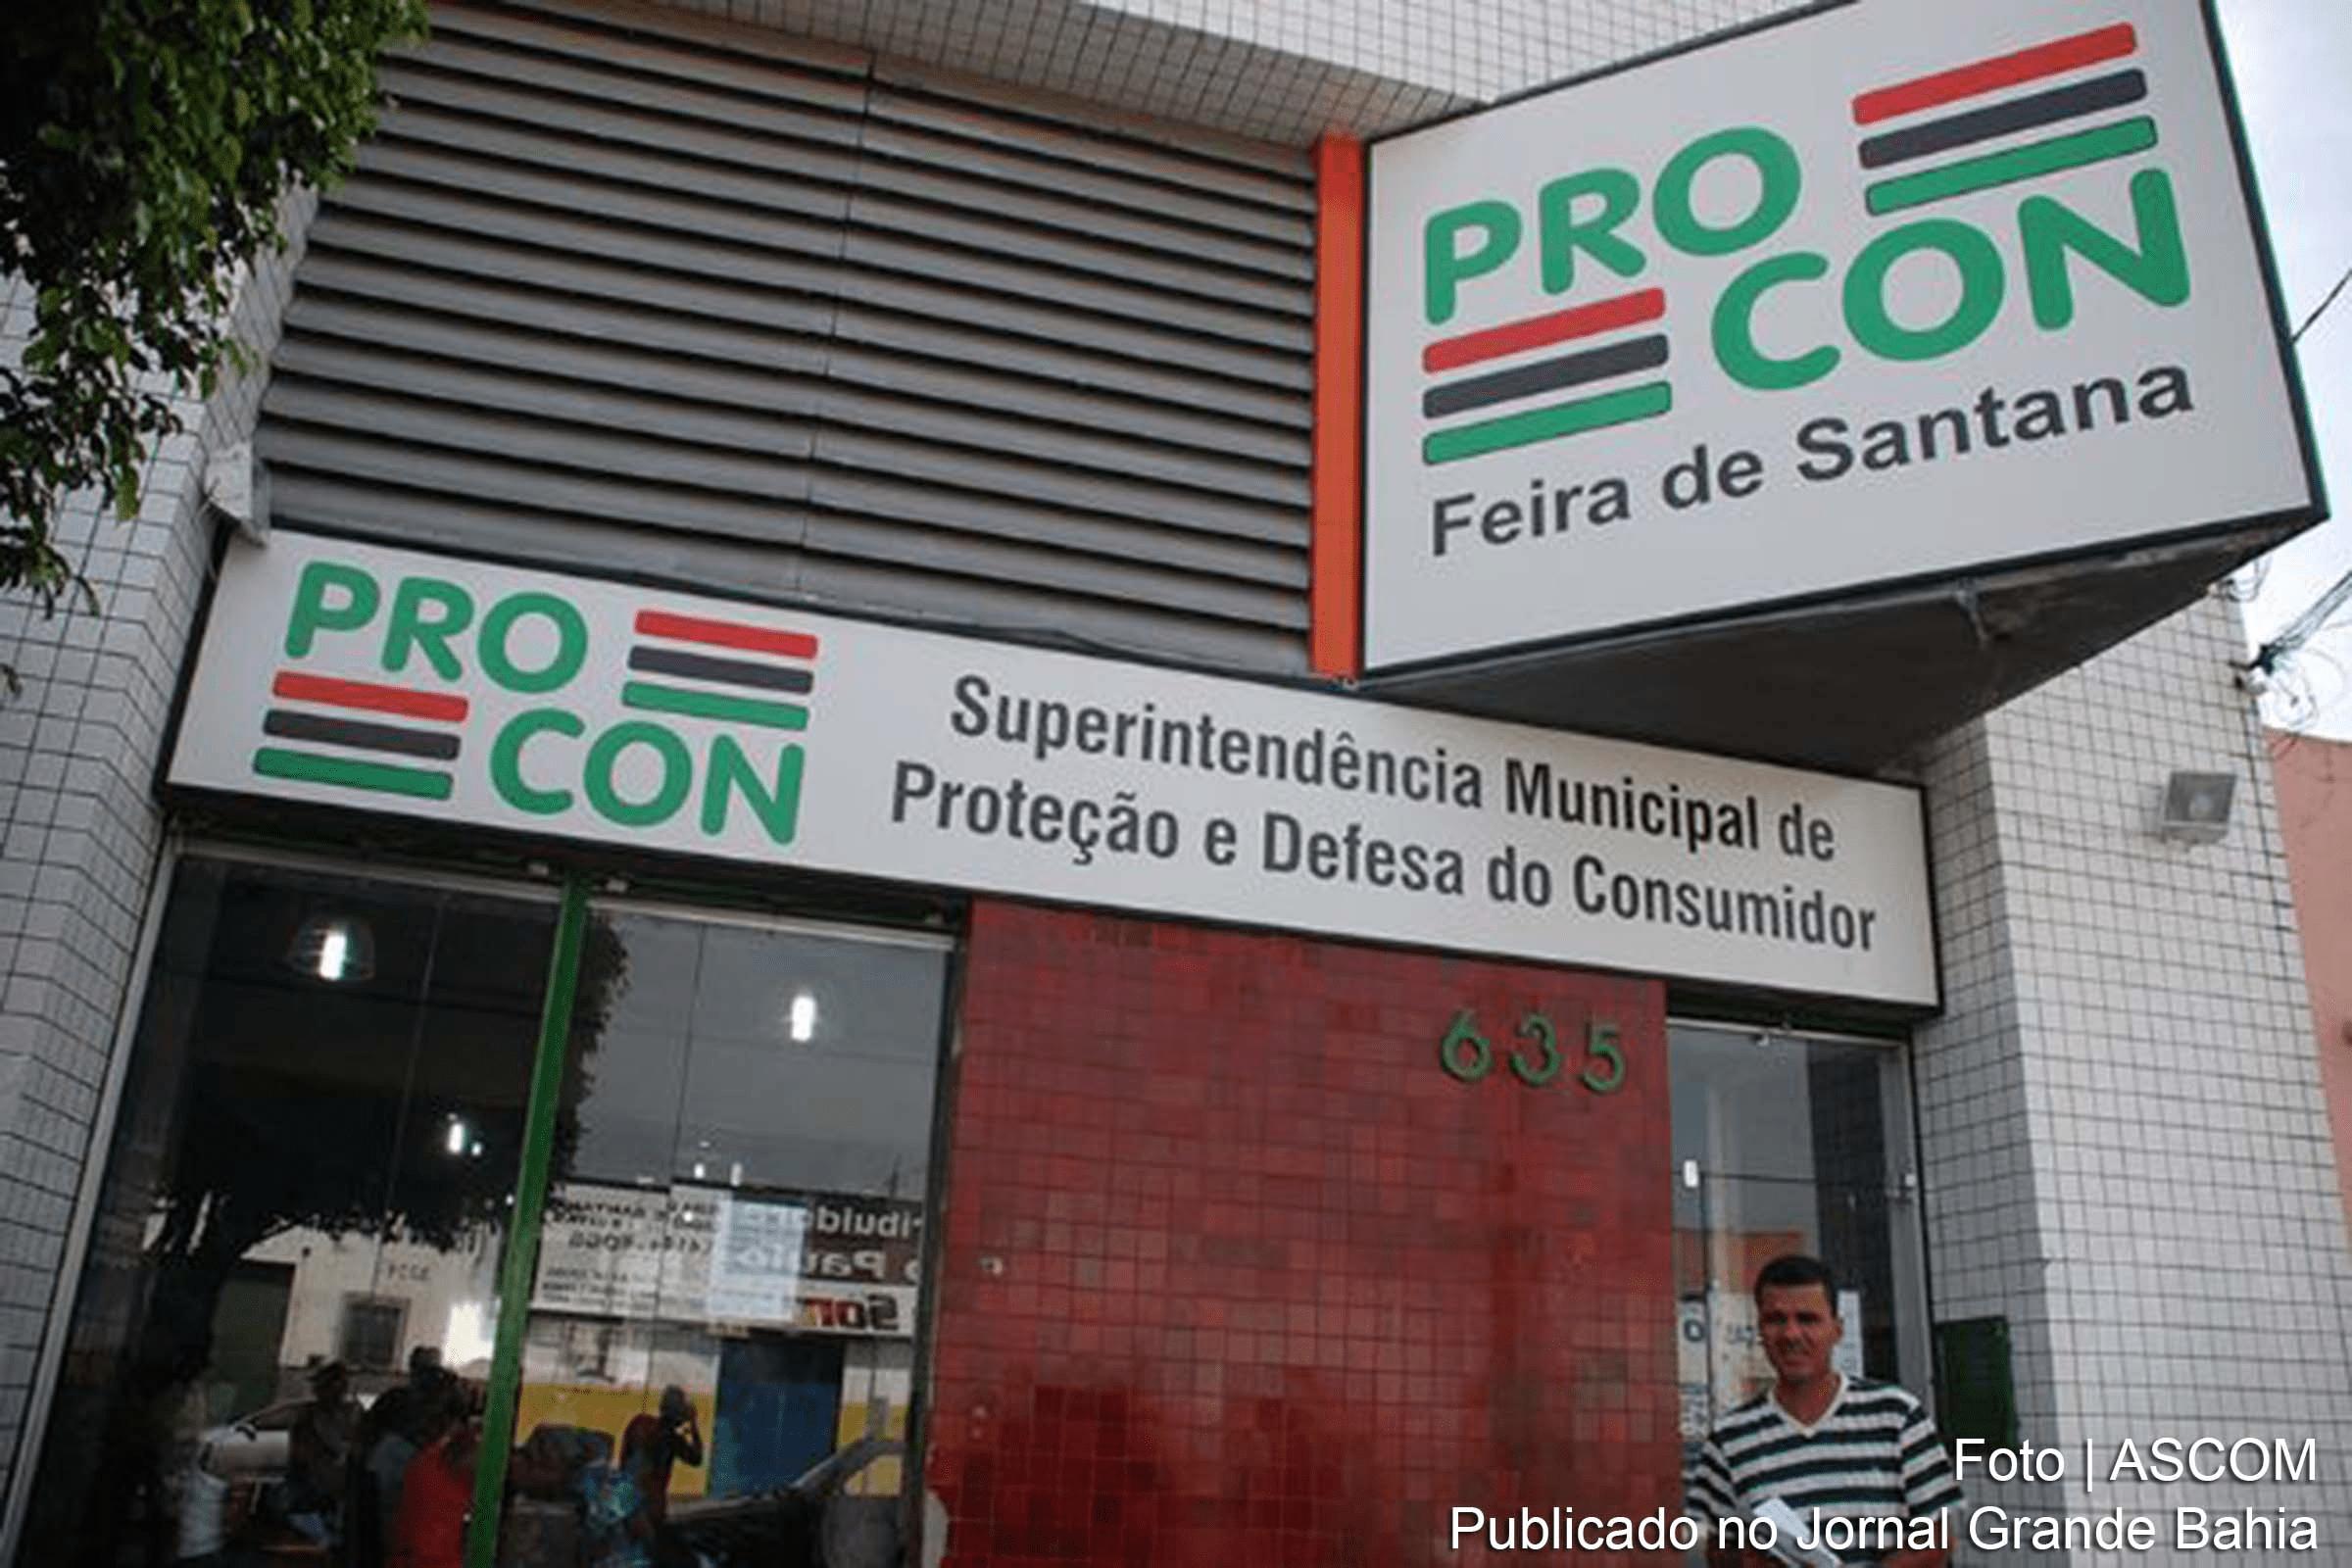 Procon Feira De Santana